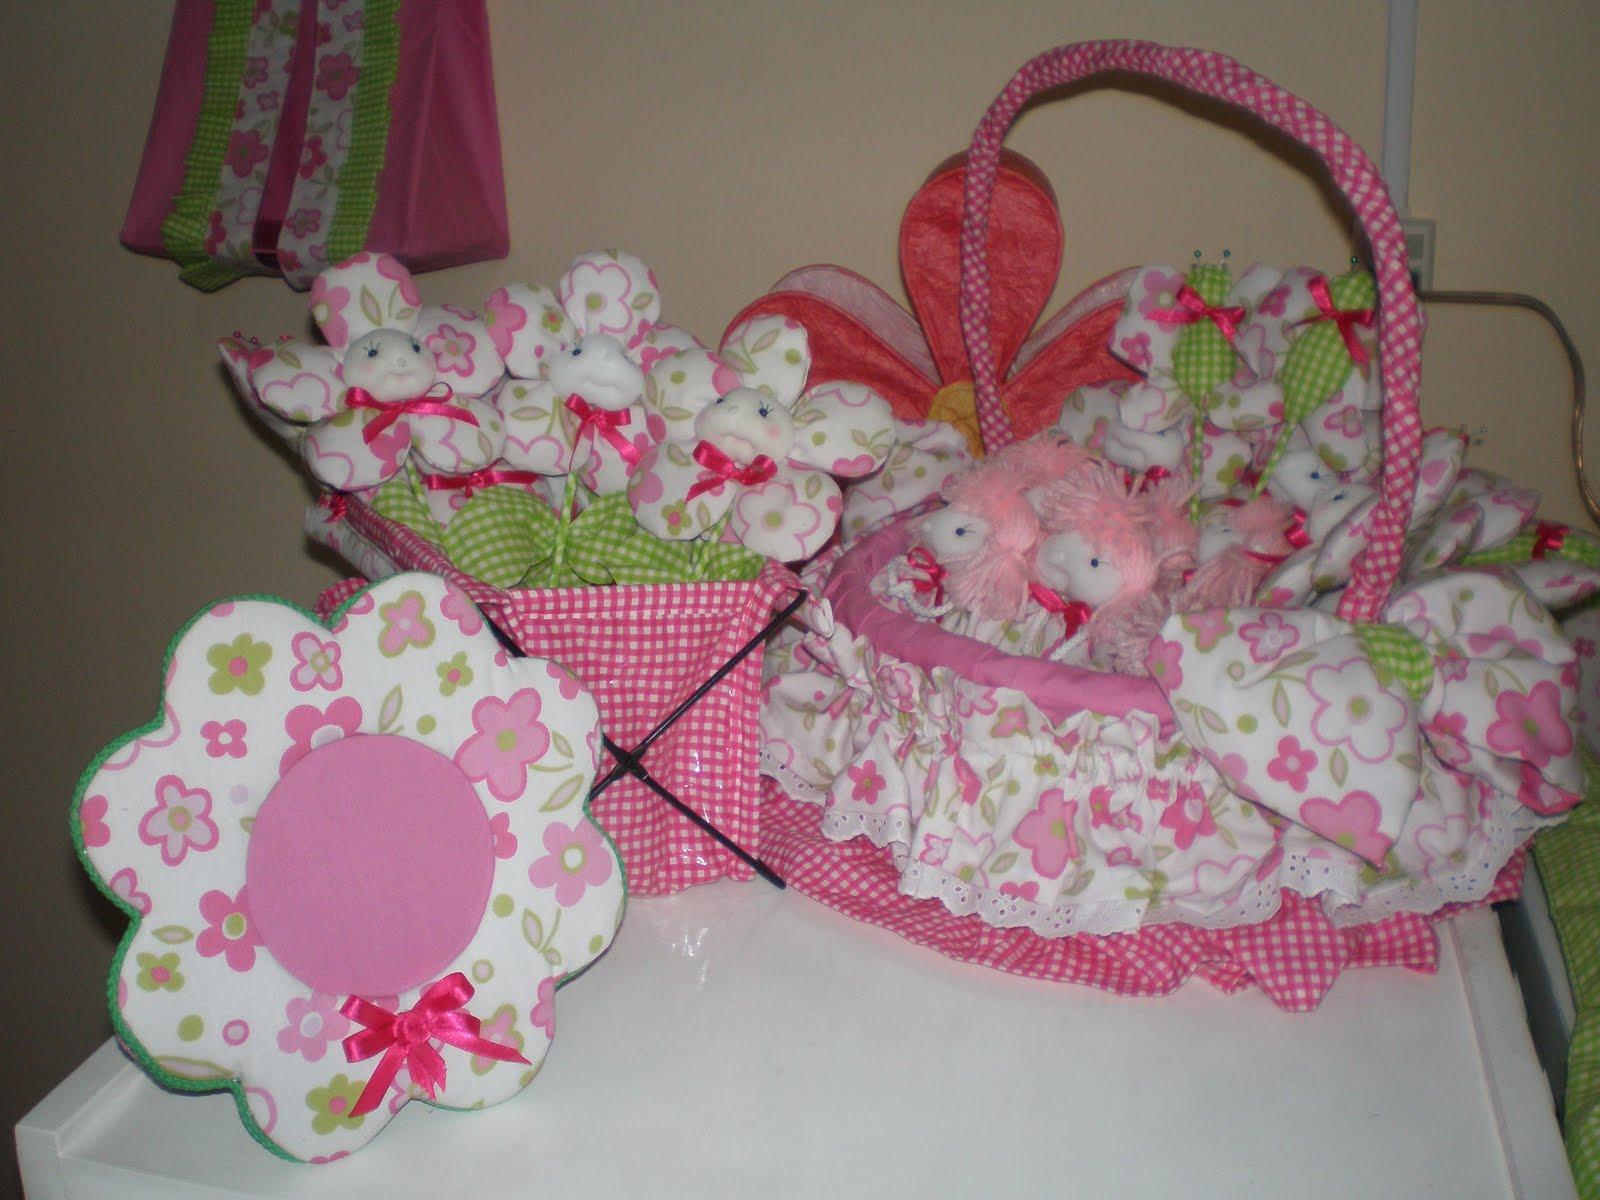 Raquel medina eventos ajuar para beb - Cestas de mimbre para bebes ...